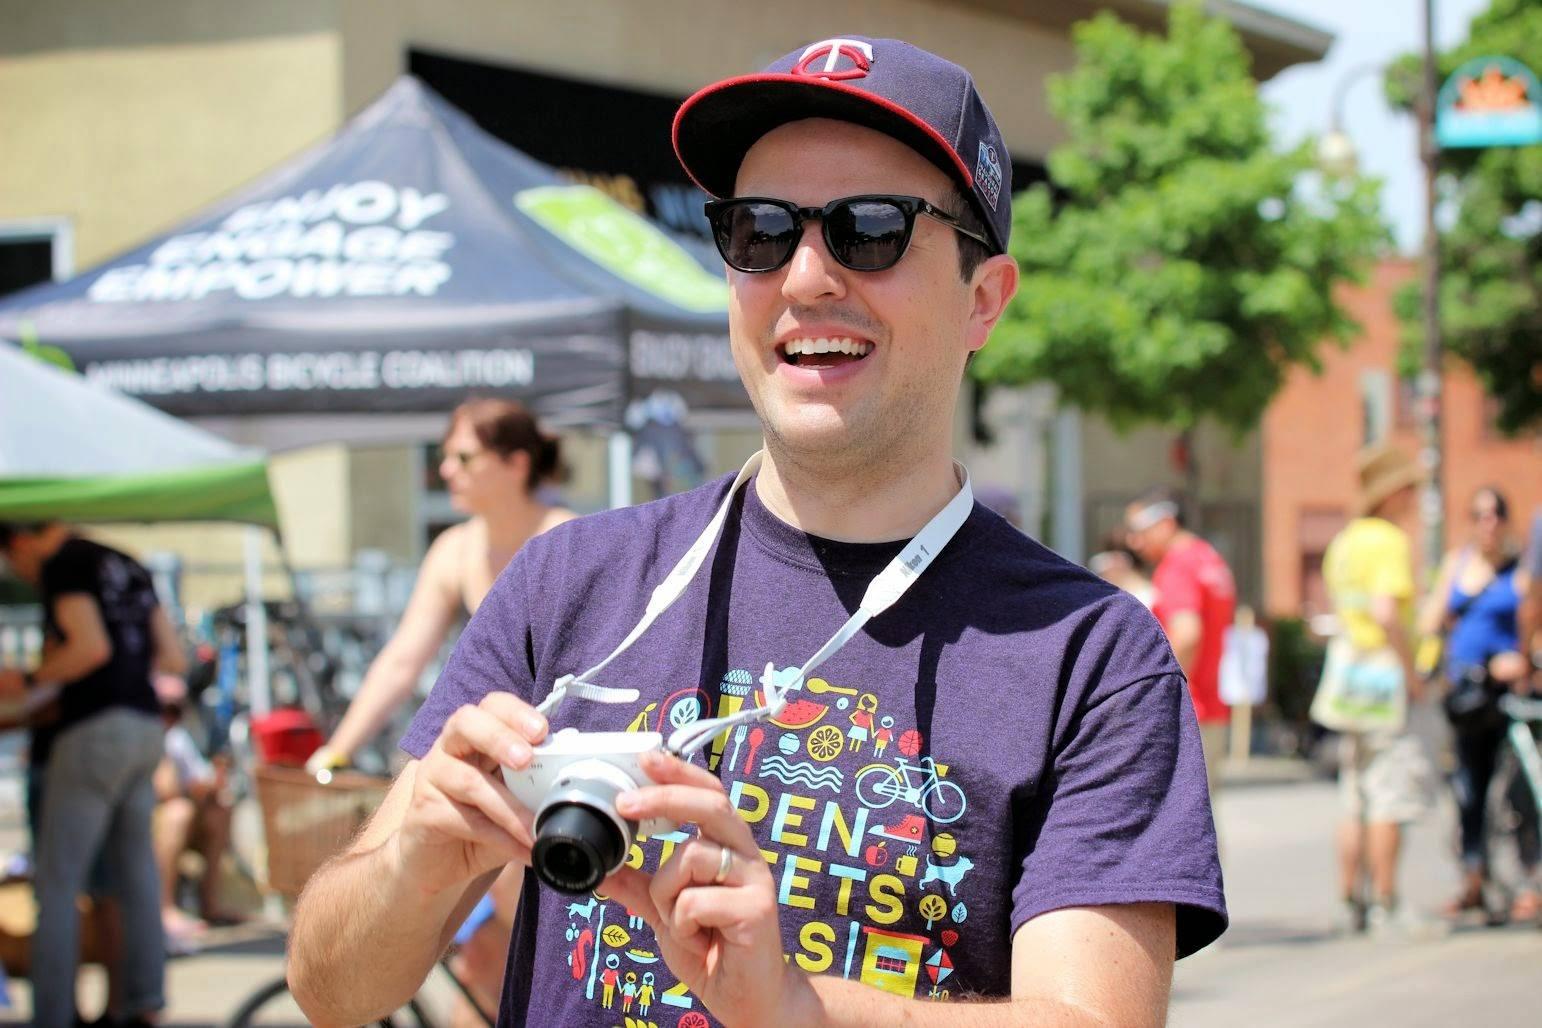 Colin_camera.jpg